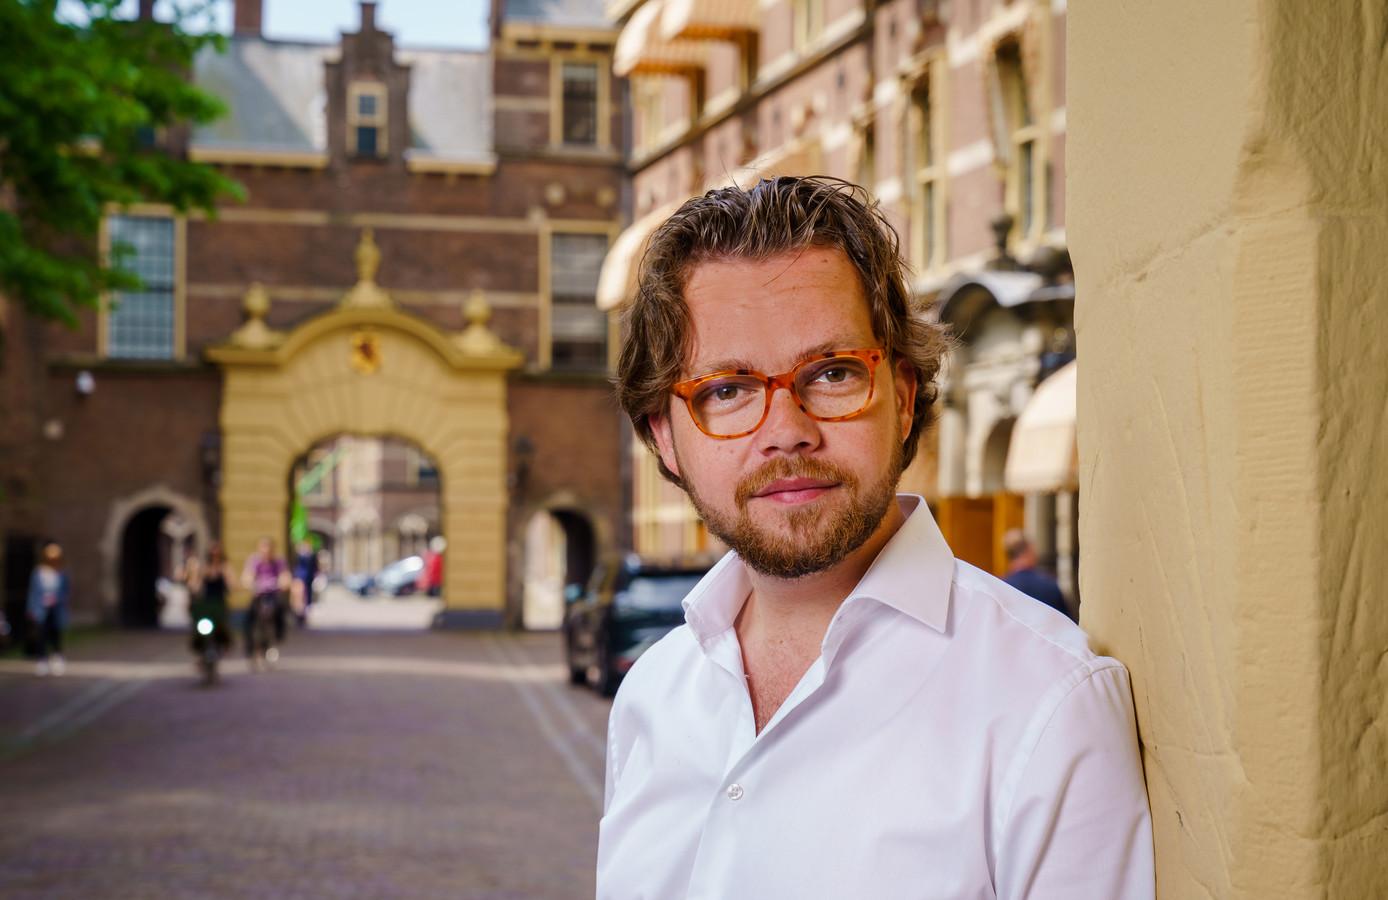 Daan de Kort, lid van de Tweede Kamer voor de VVD, ziet vrijwel niets. De Kamer is niet ingericht op slechtzienden.